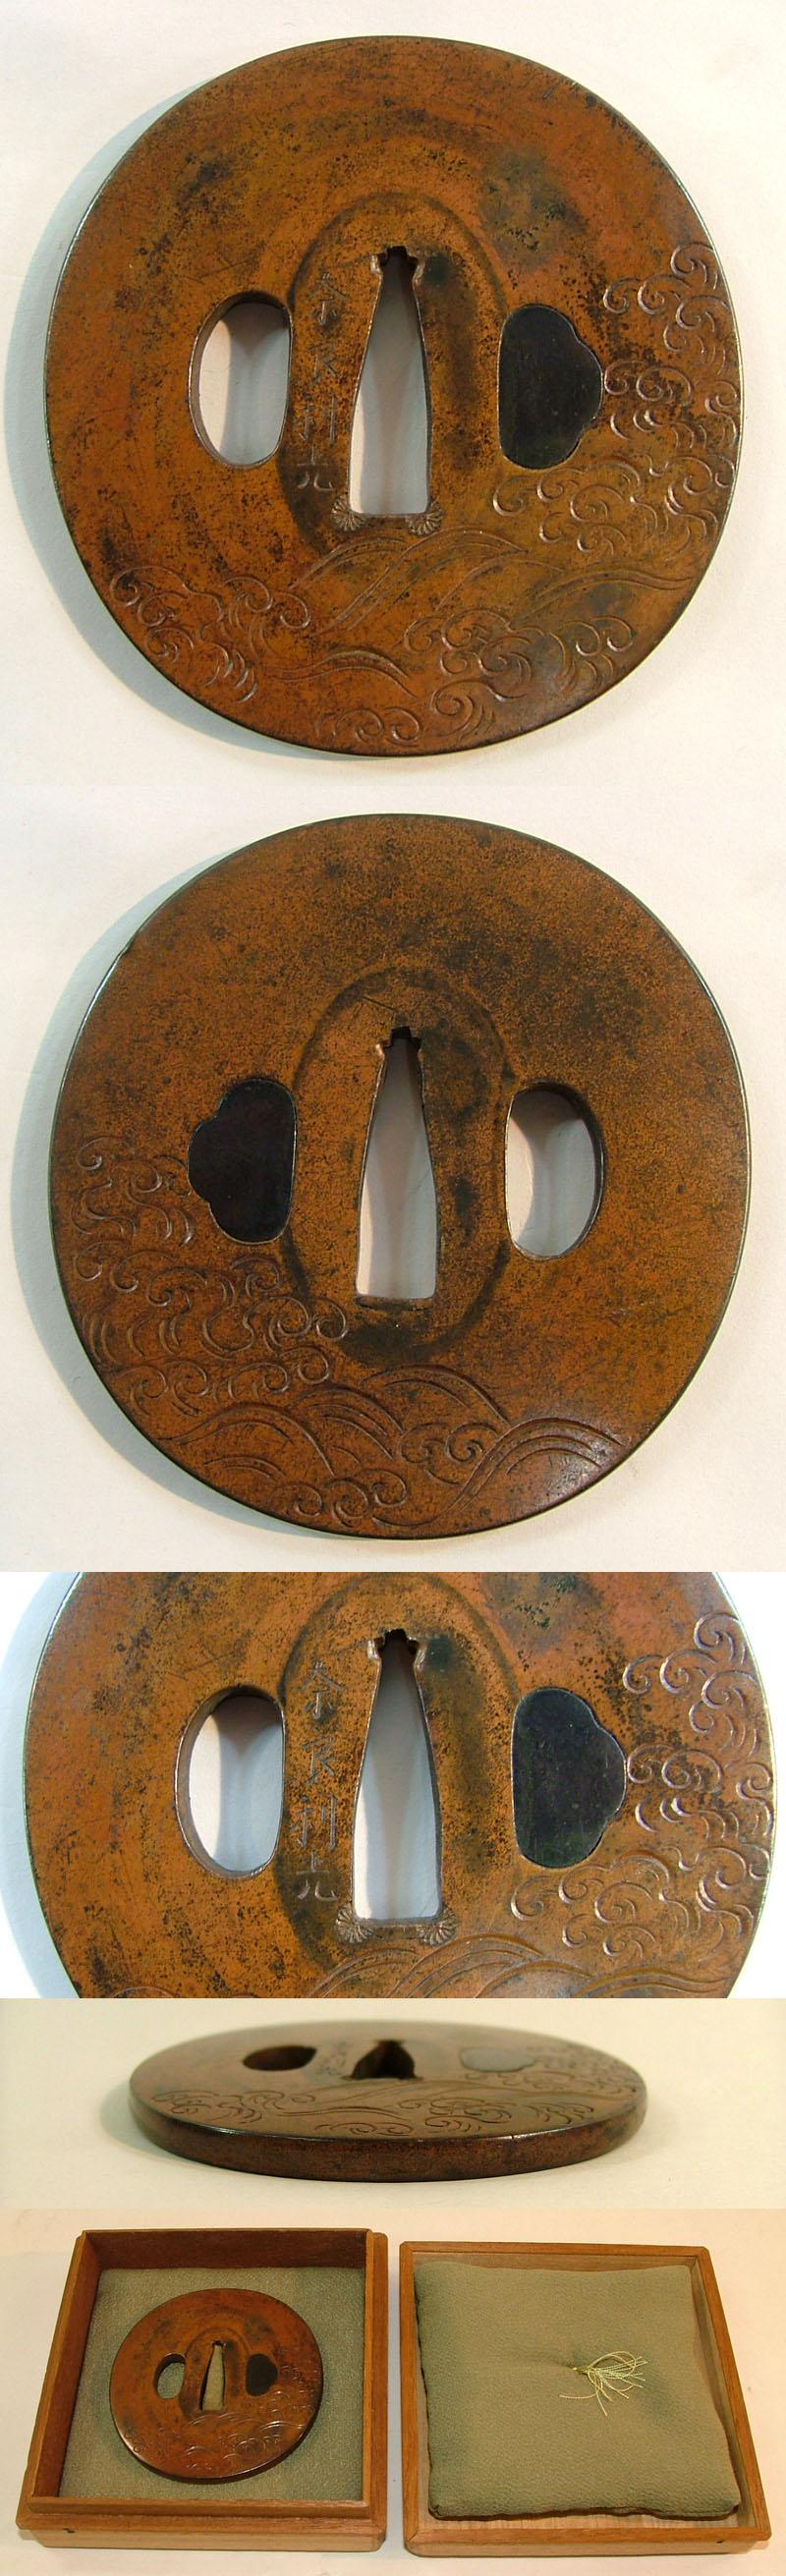 波図鍔 Nara 利光 Picture of parts